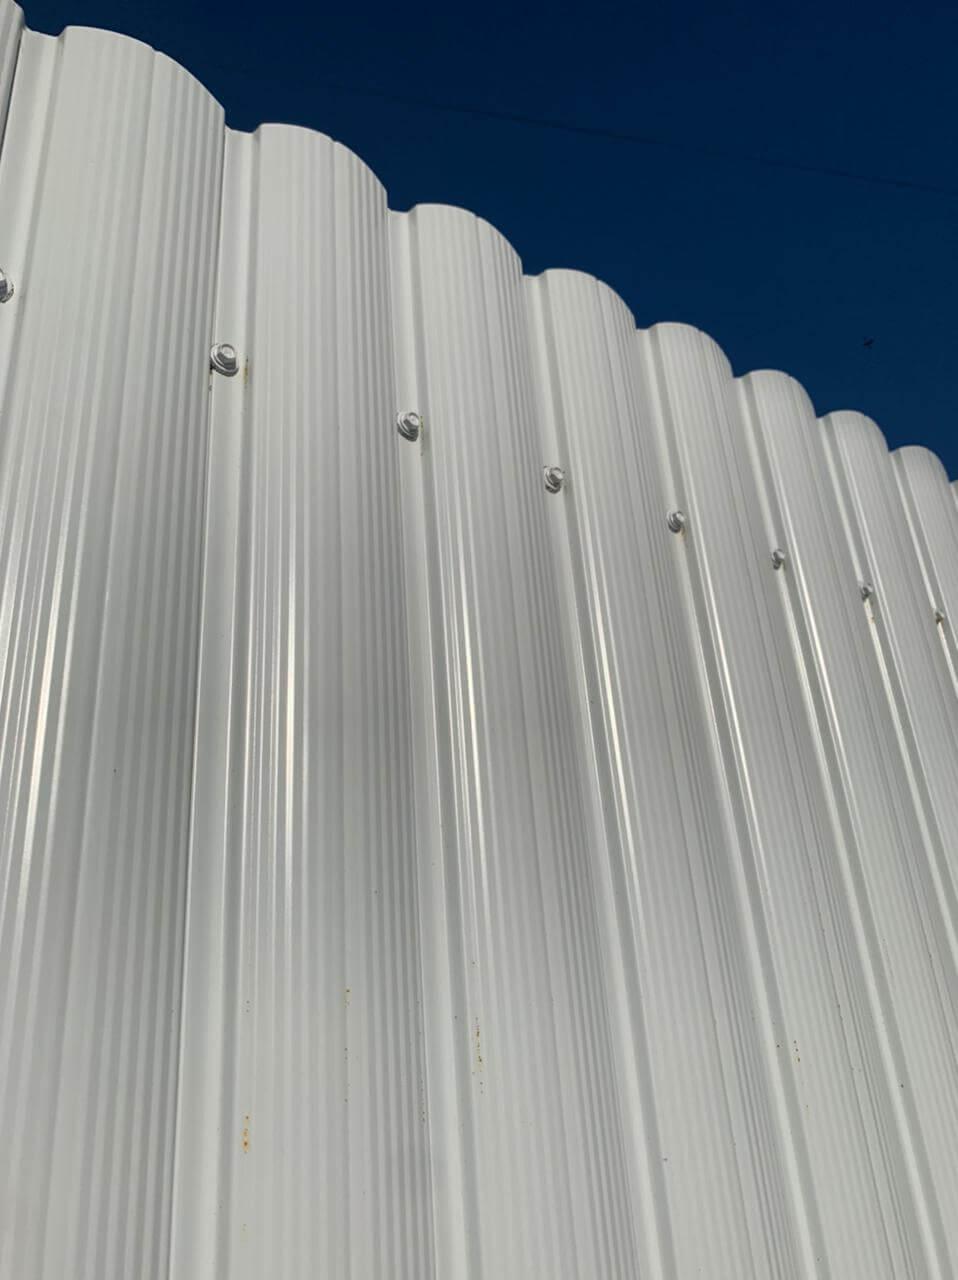 забор из штакетника белый фото3